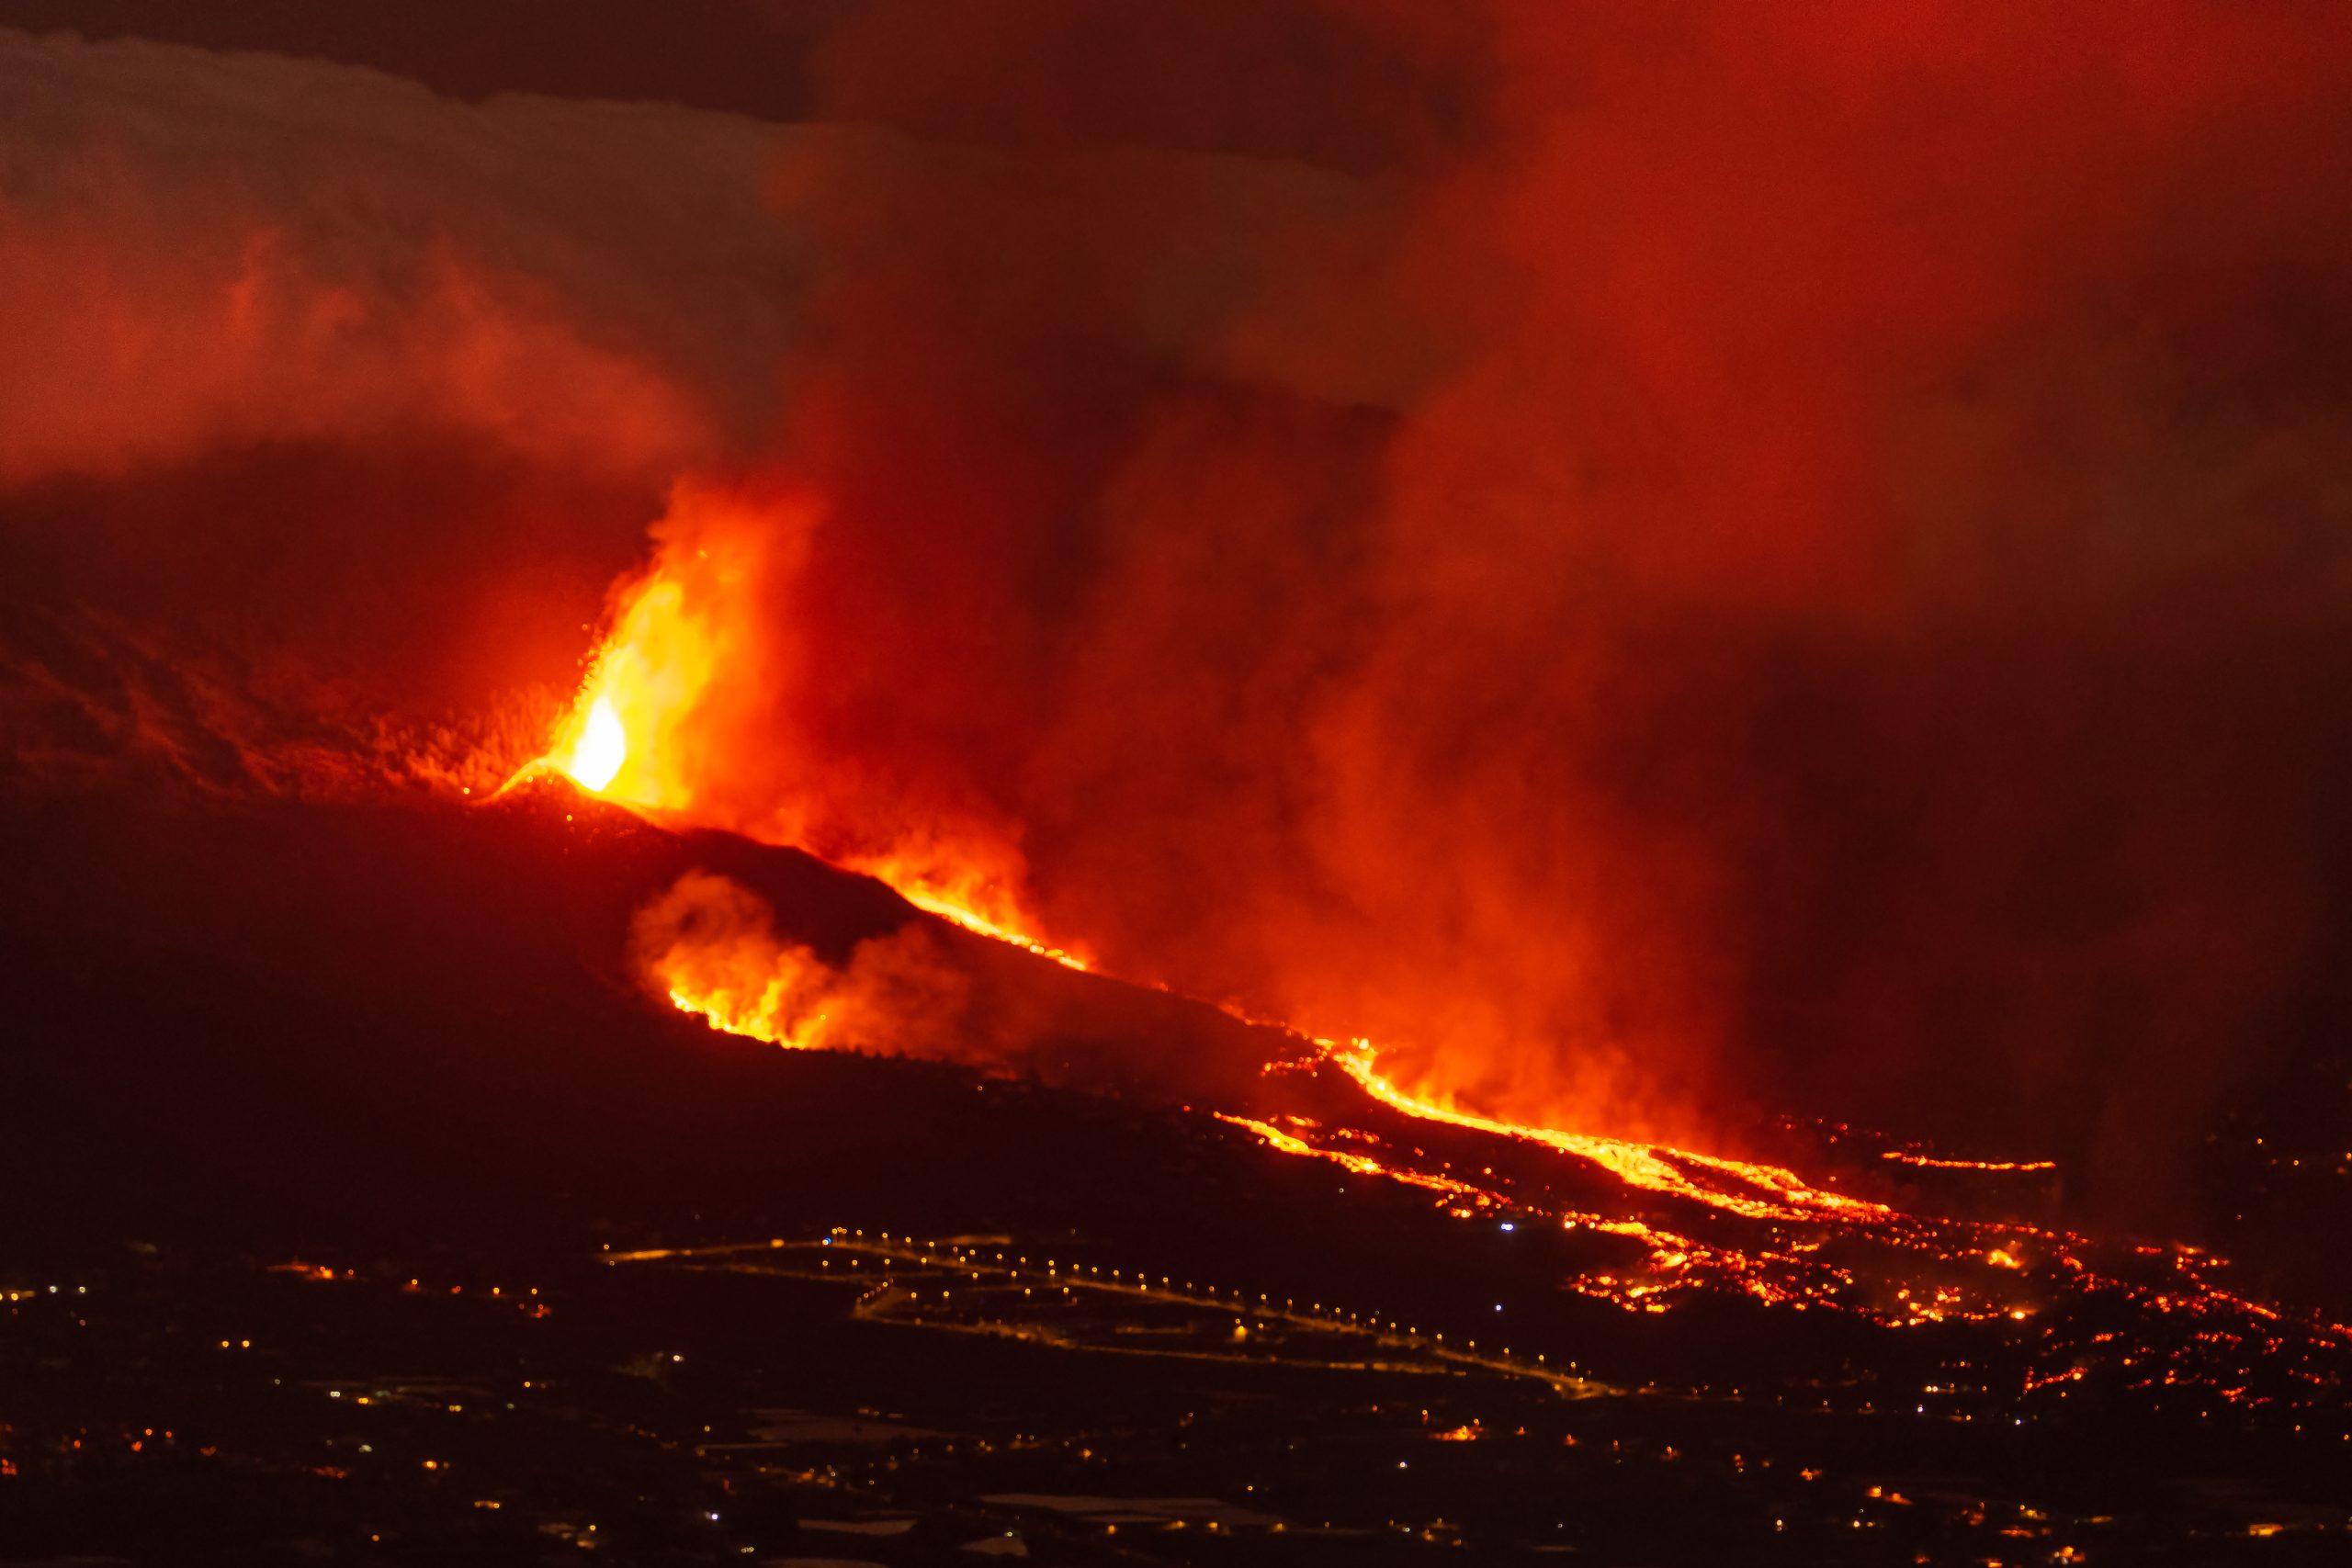 Der er mange flotte og dramatiske billeder fra det igangværende vulkanudbrud på La Palma, der nu får Bravo Tours til at flytte gæster til en anden kanarisk ø. Wikipediafoto: Eduardo Robaina.